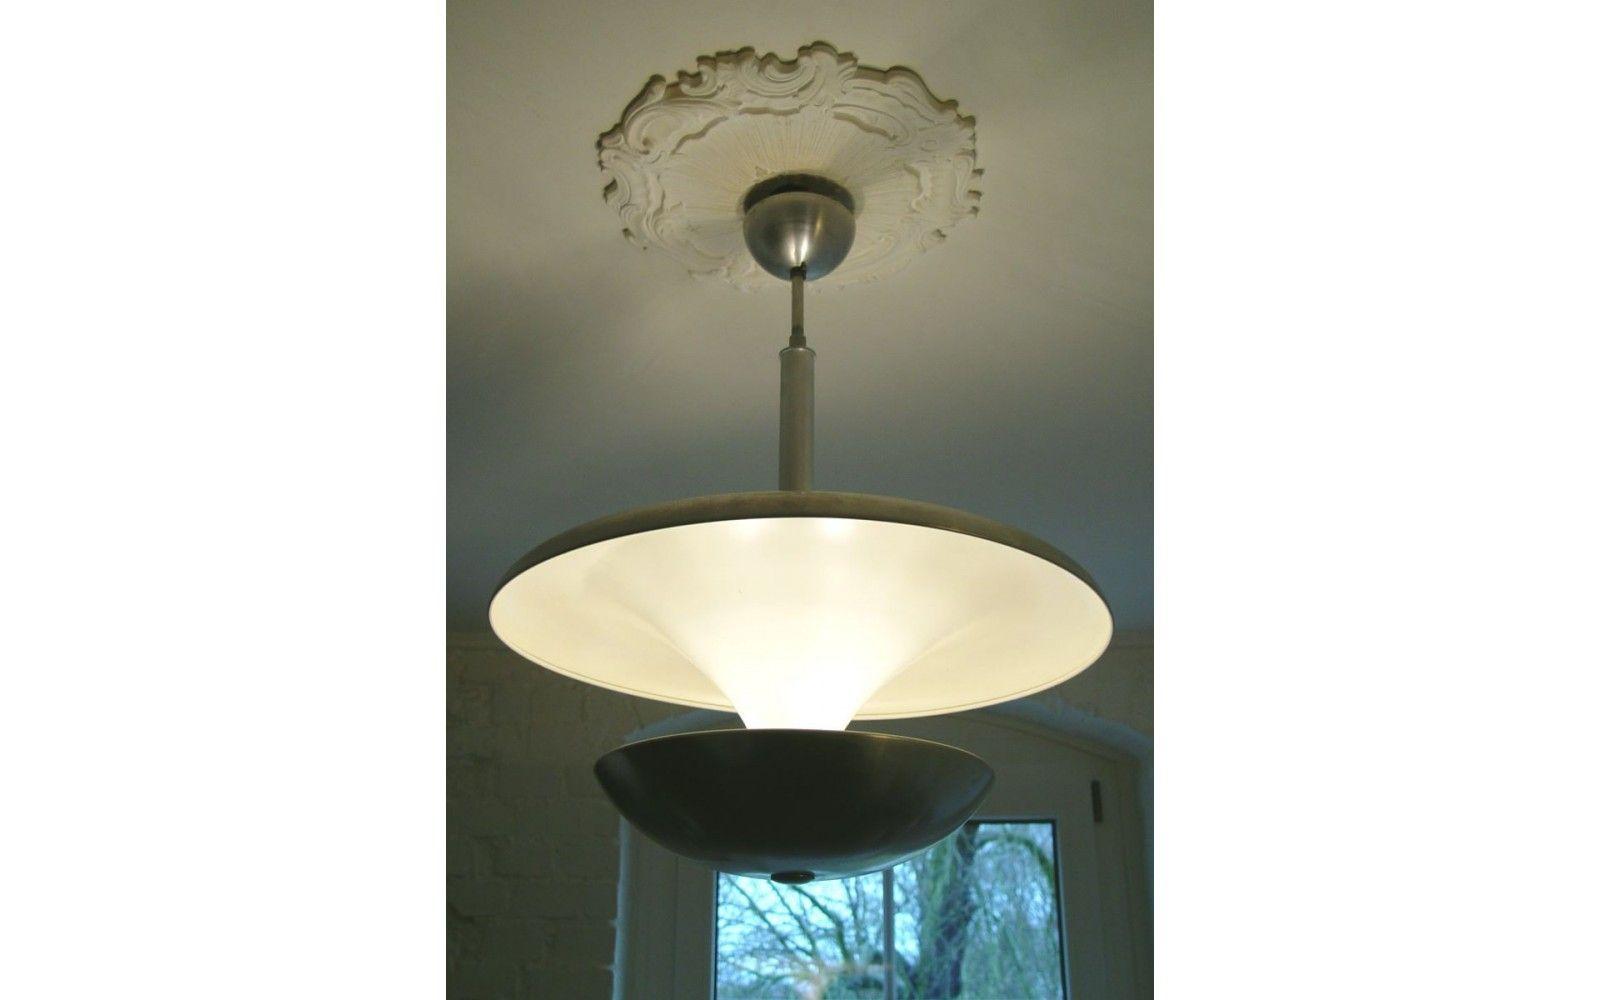 Badezimmerlampe Decke ~ 2 stufigealuminium decken hÄnge lampe original um 1970 die lampe